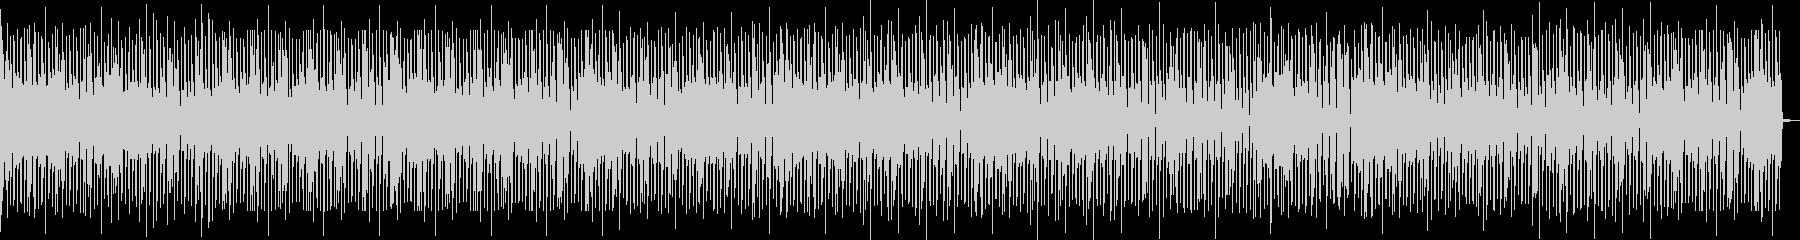 幼児の歩く姿をピアノで描写の未再生の波形